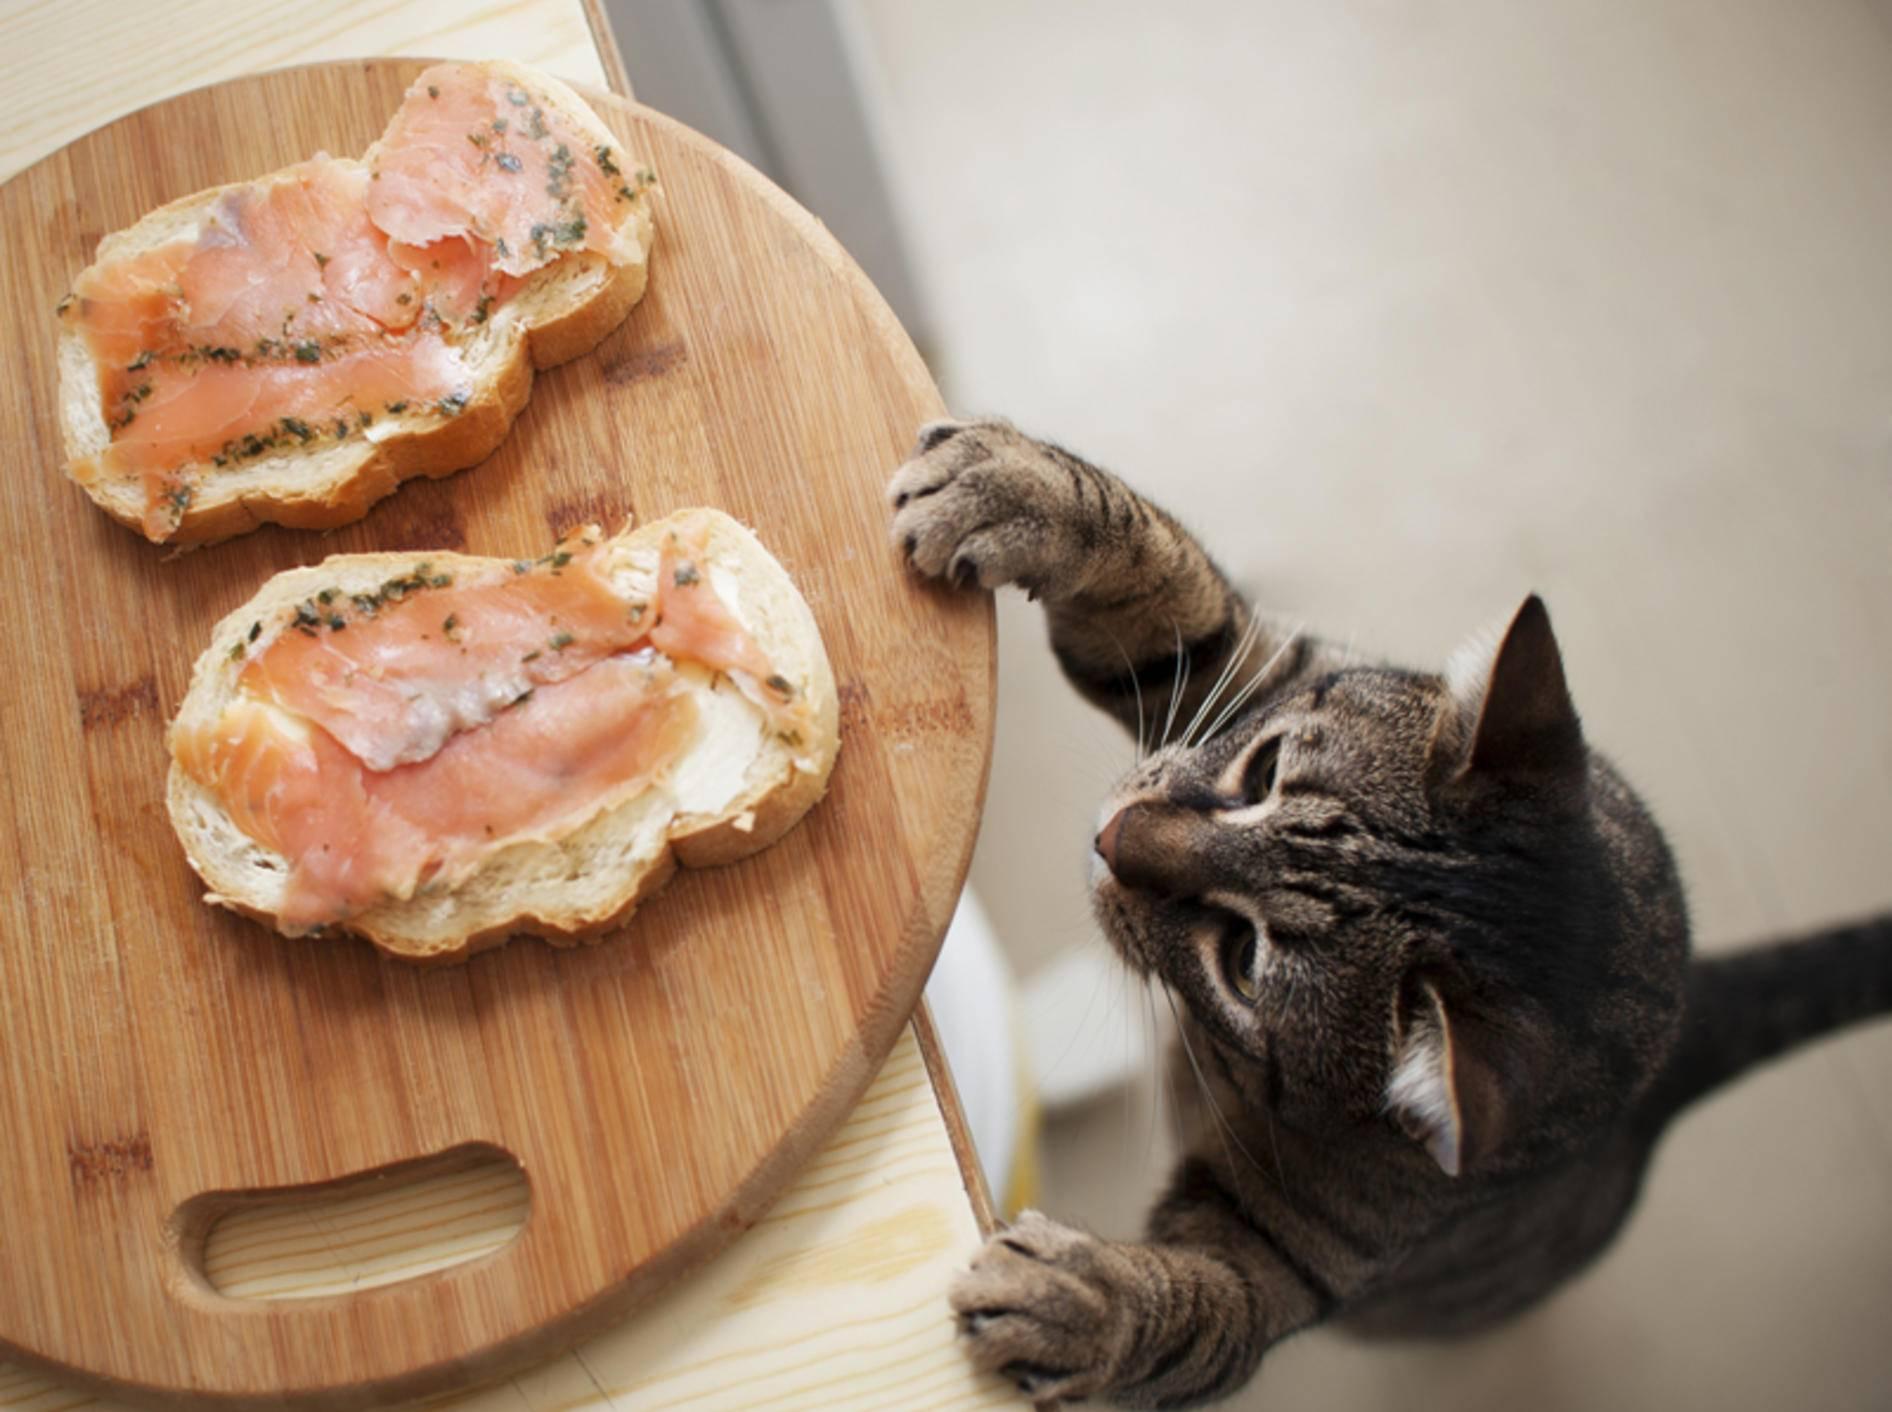 Lachsaufschnitt enthält viel Salz, darf die Katze davon naschen? – Shutterstock / ToskanaINC